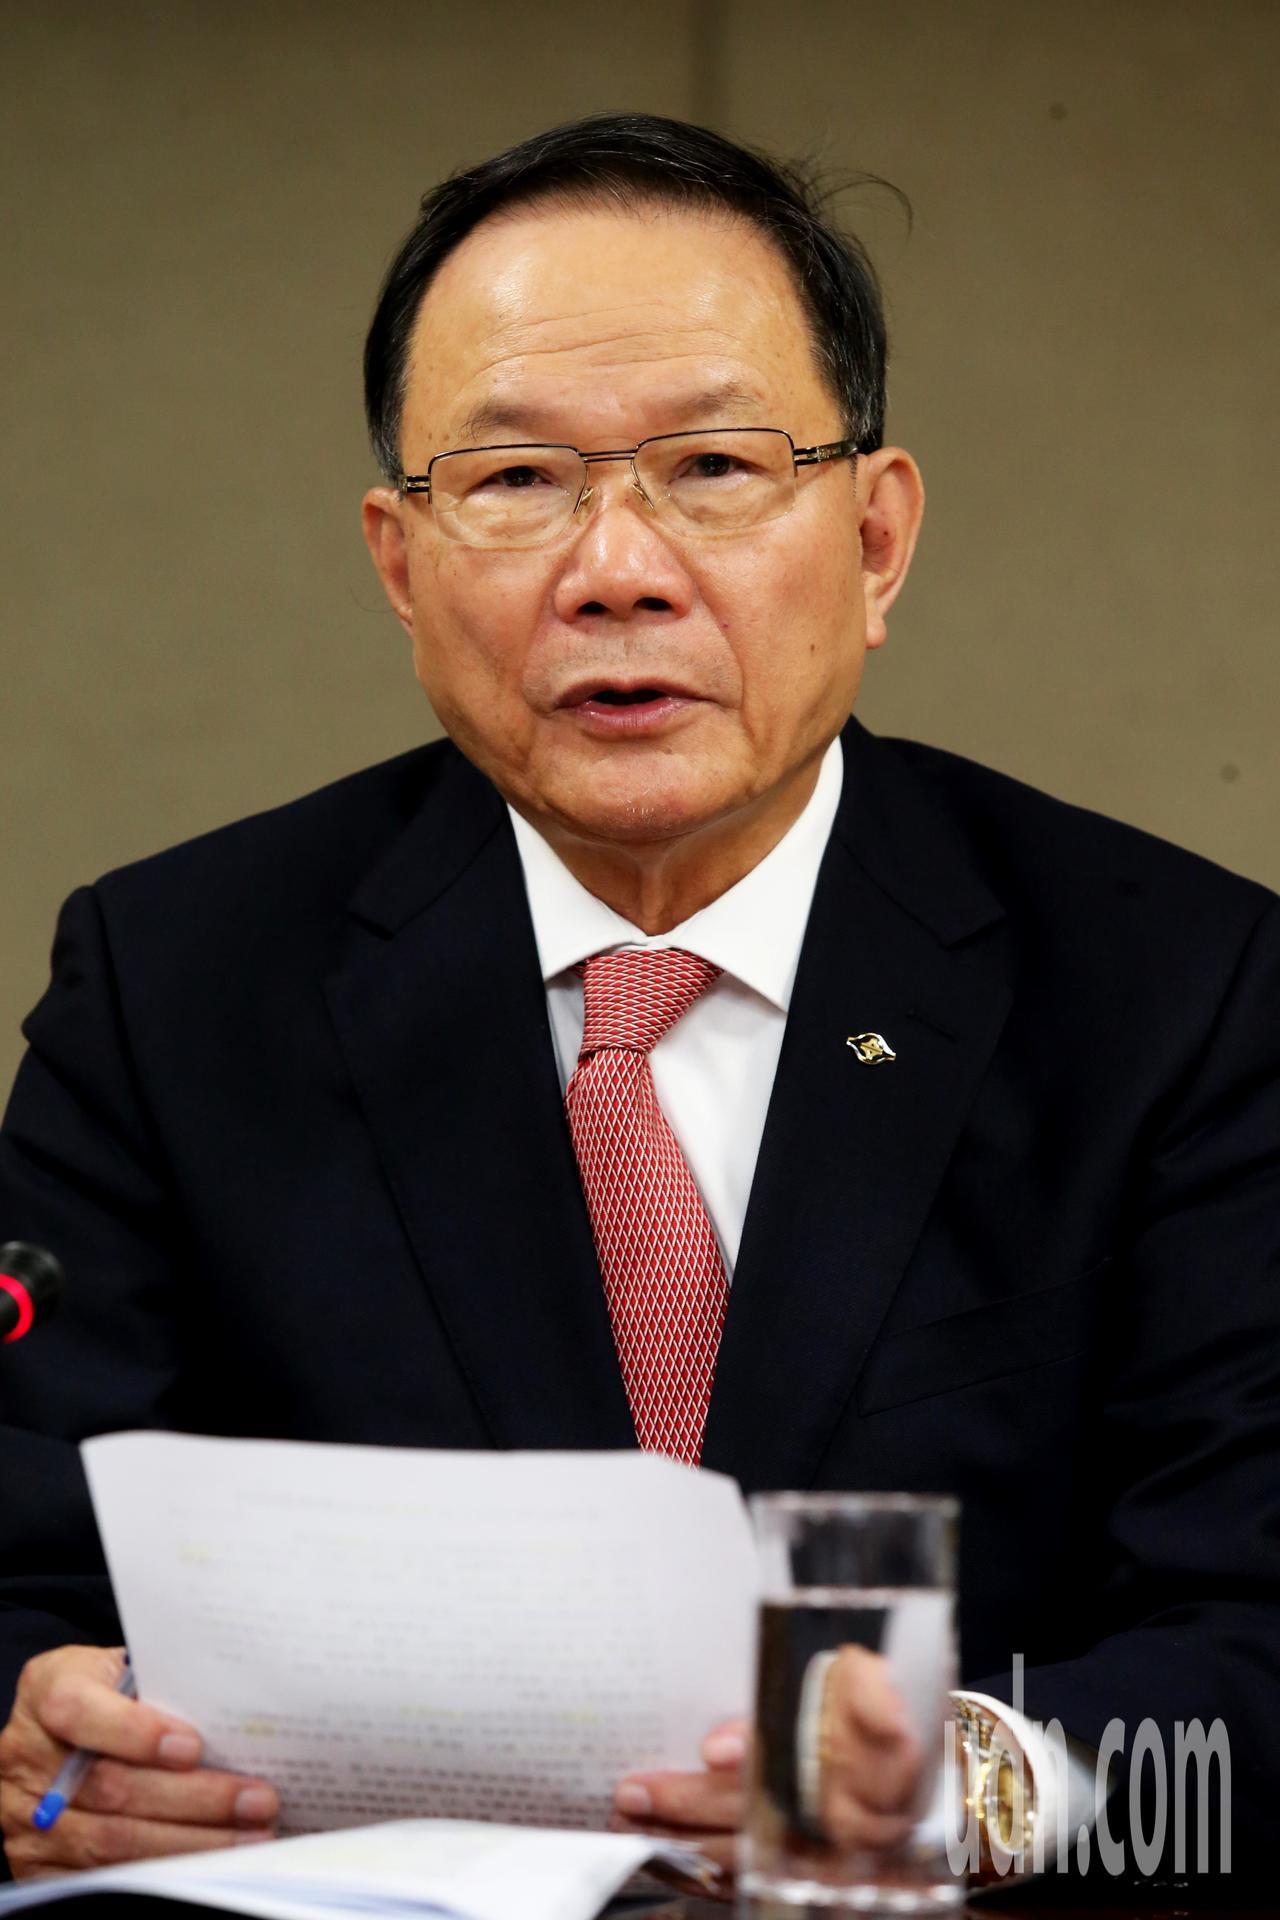 台塑董事長林健男表示,雖然明年第一季需求旺盛,但受到農曆年節影響,第一季營收可能...